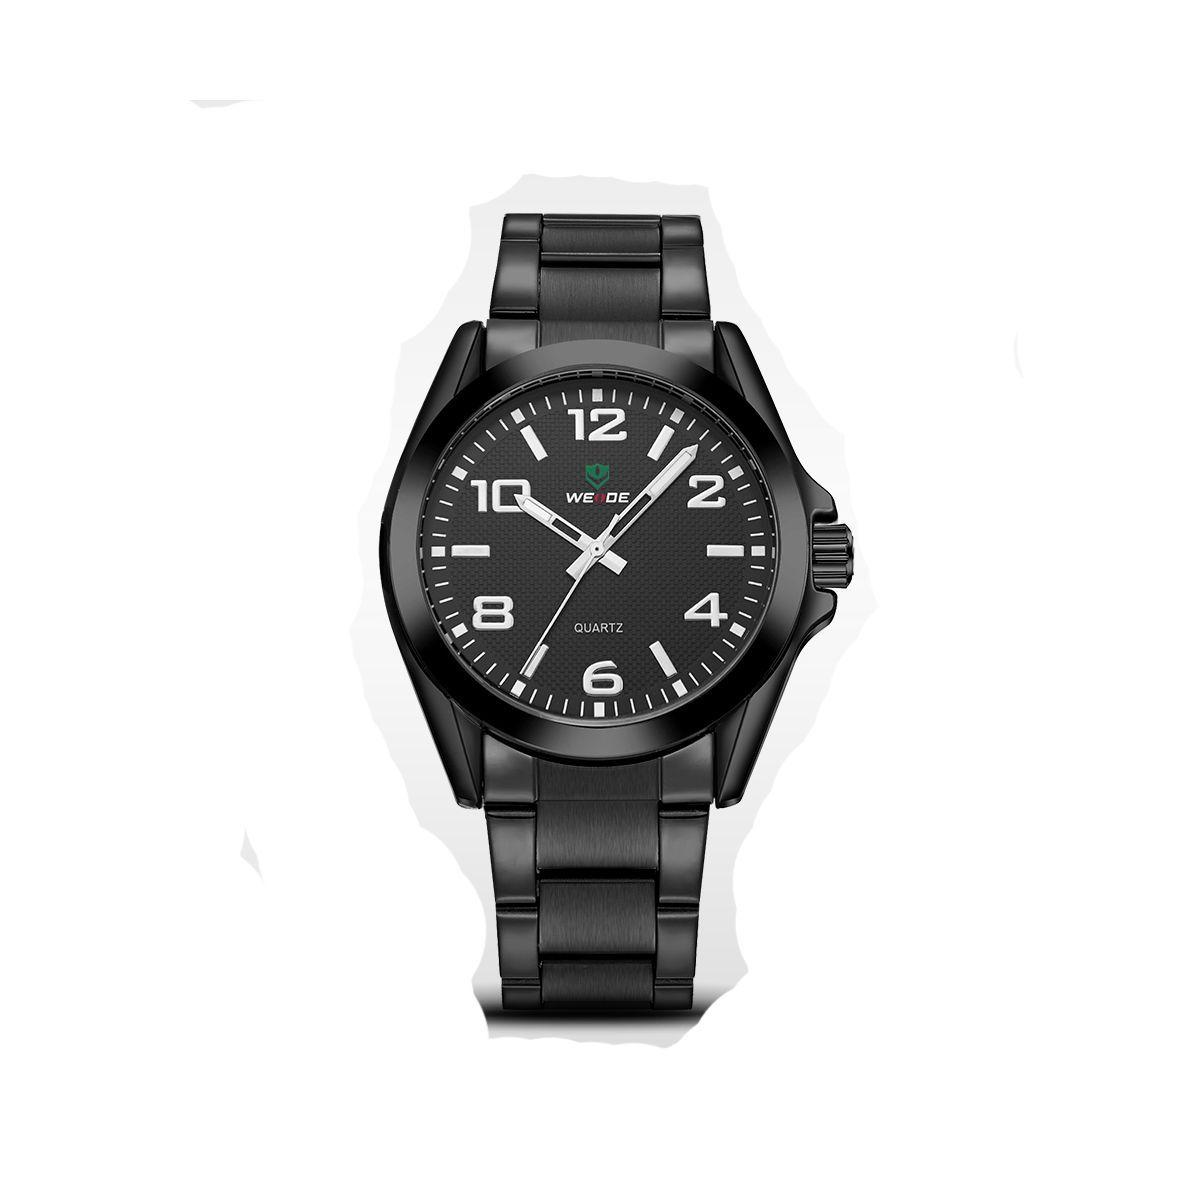 Часы Weide All Black WH801B-1C SS (WH801B-1C)